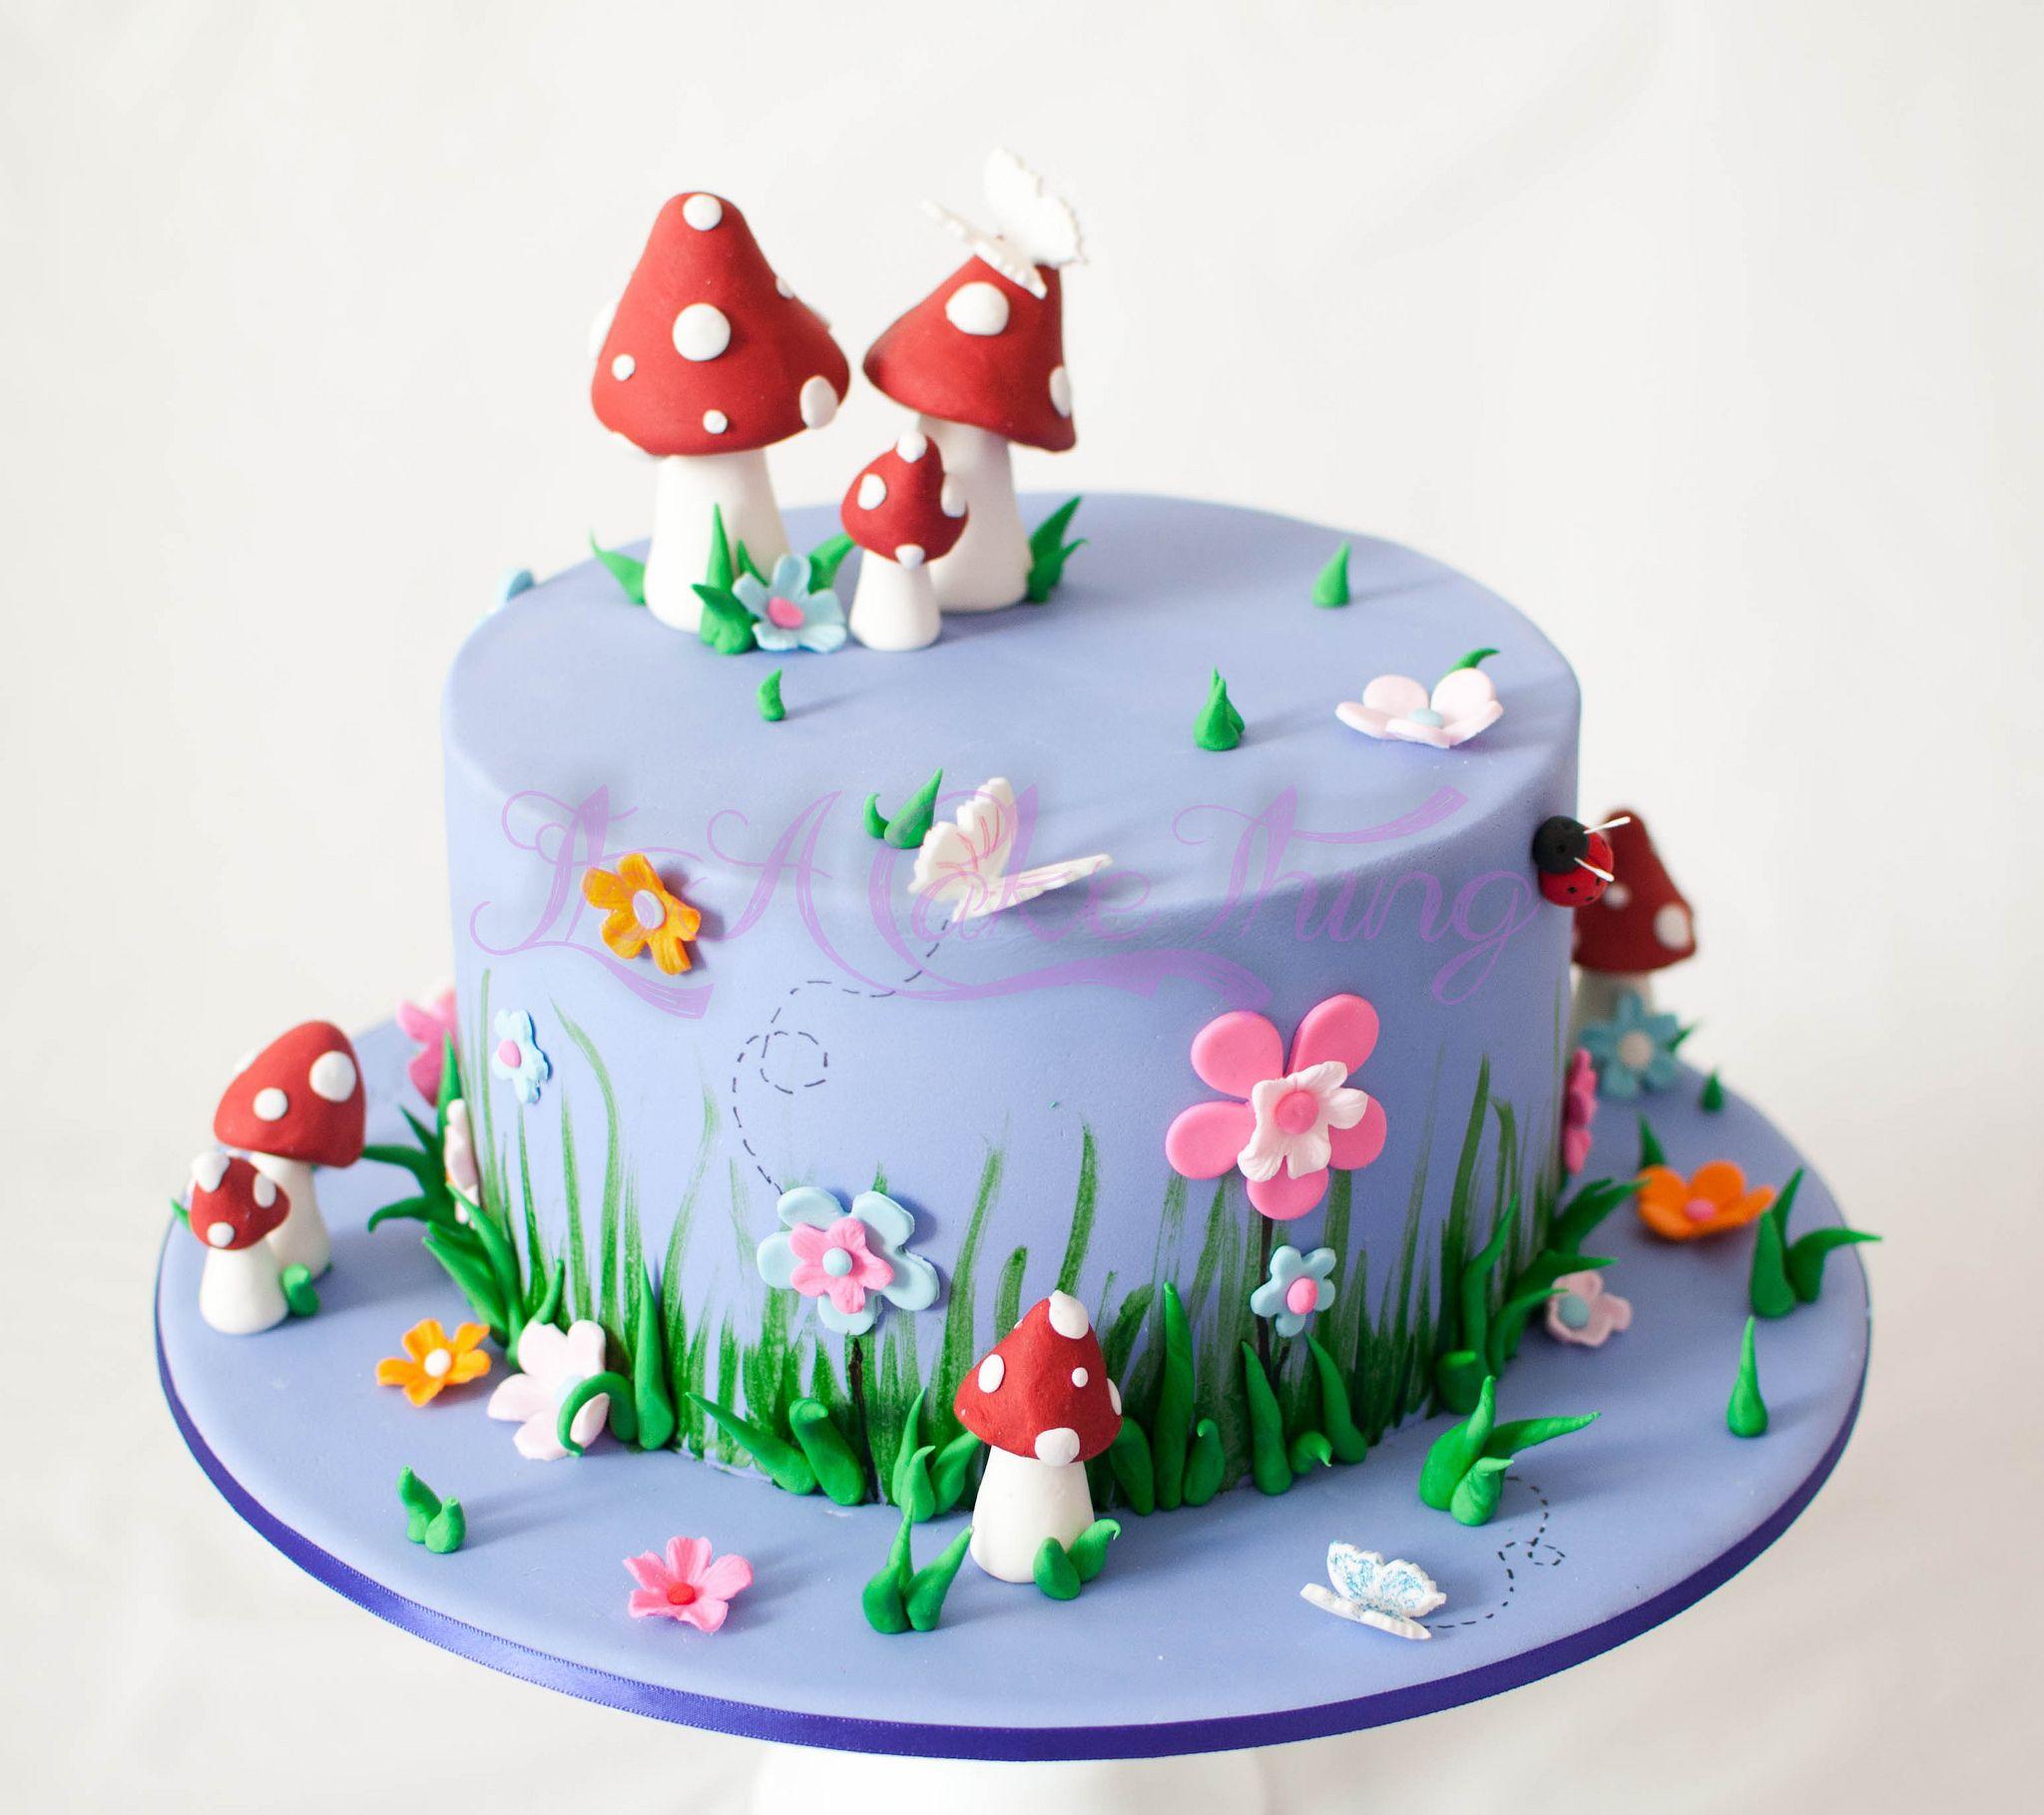 Themed Cakes, Chocolate Ganache And Fairy